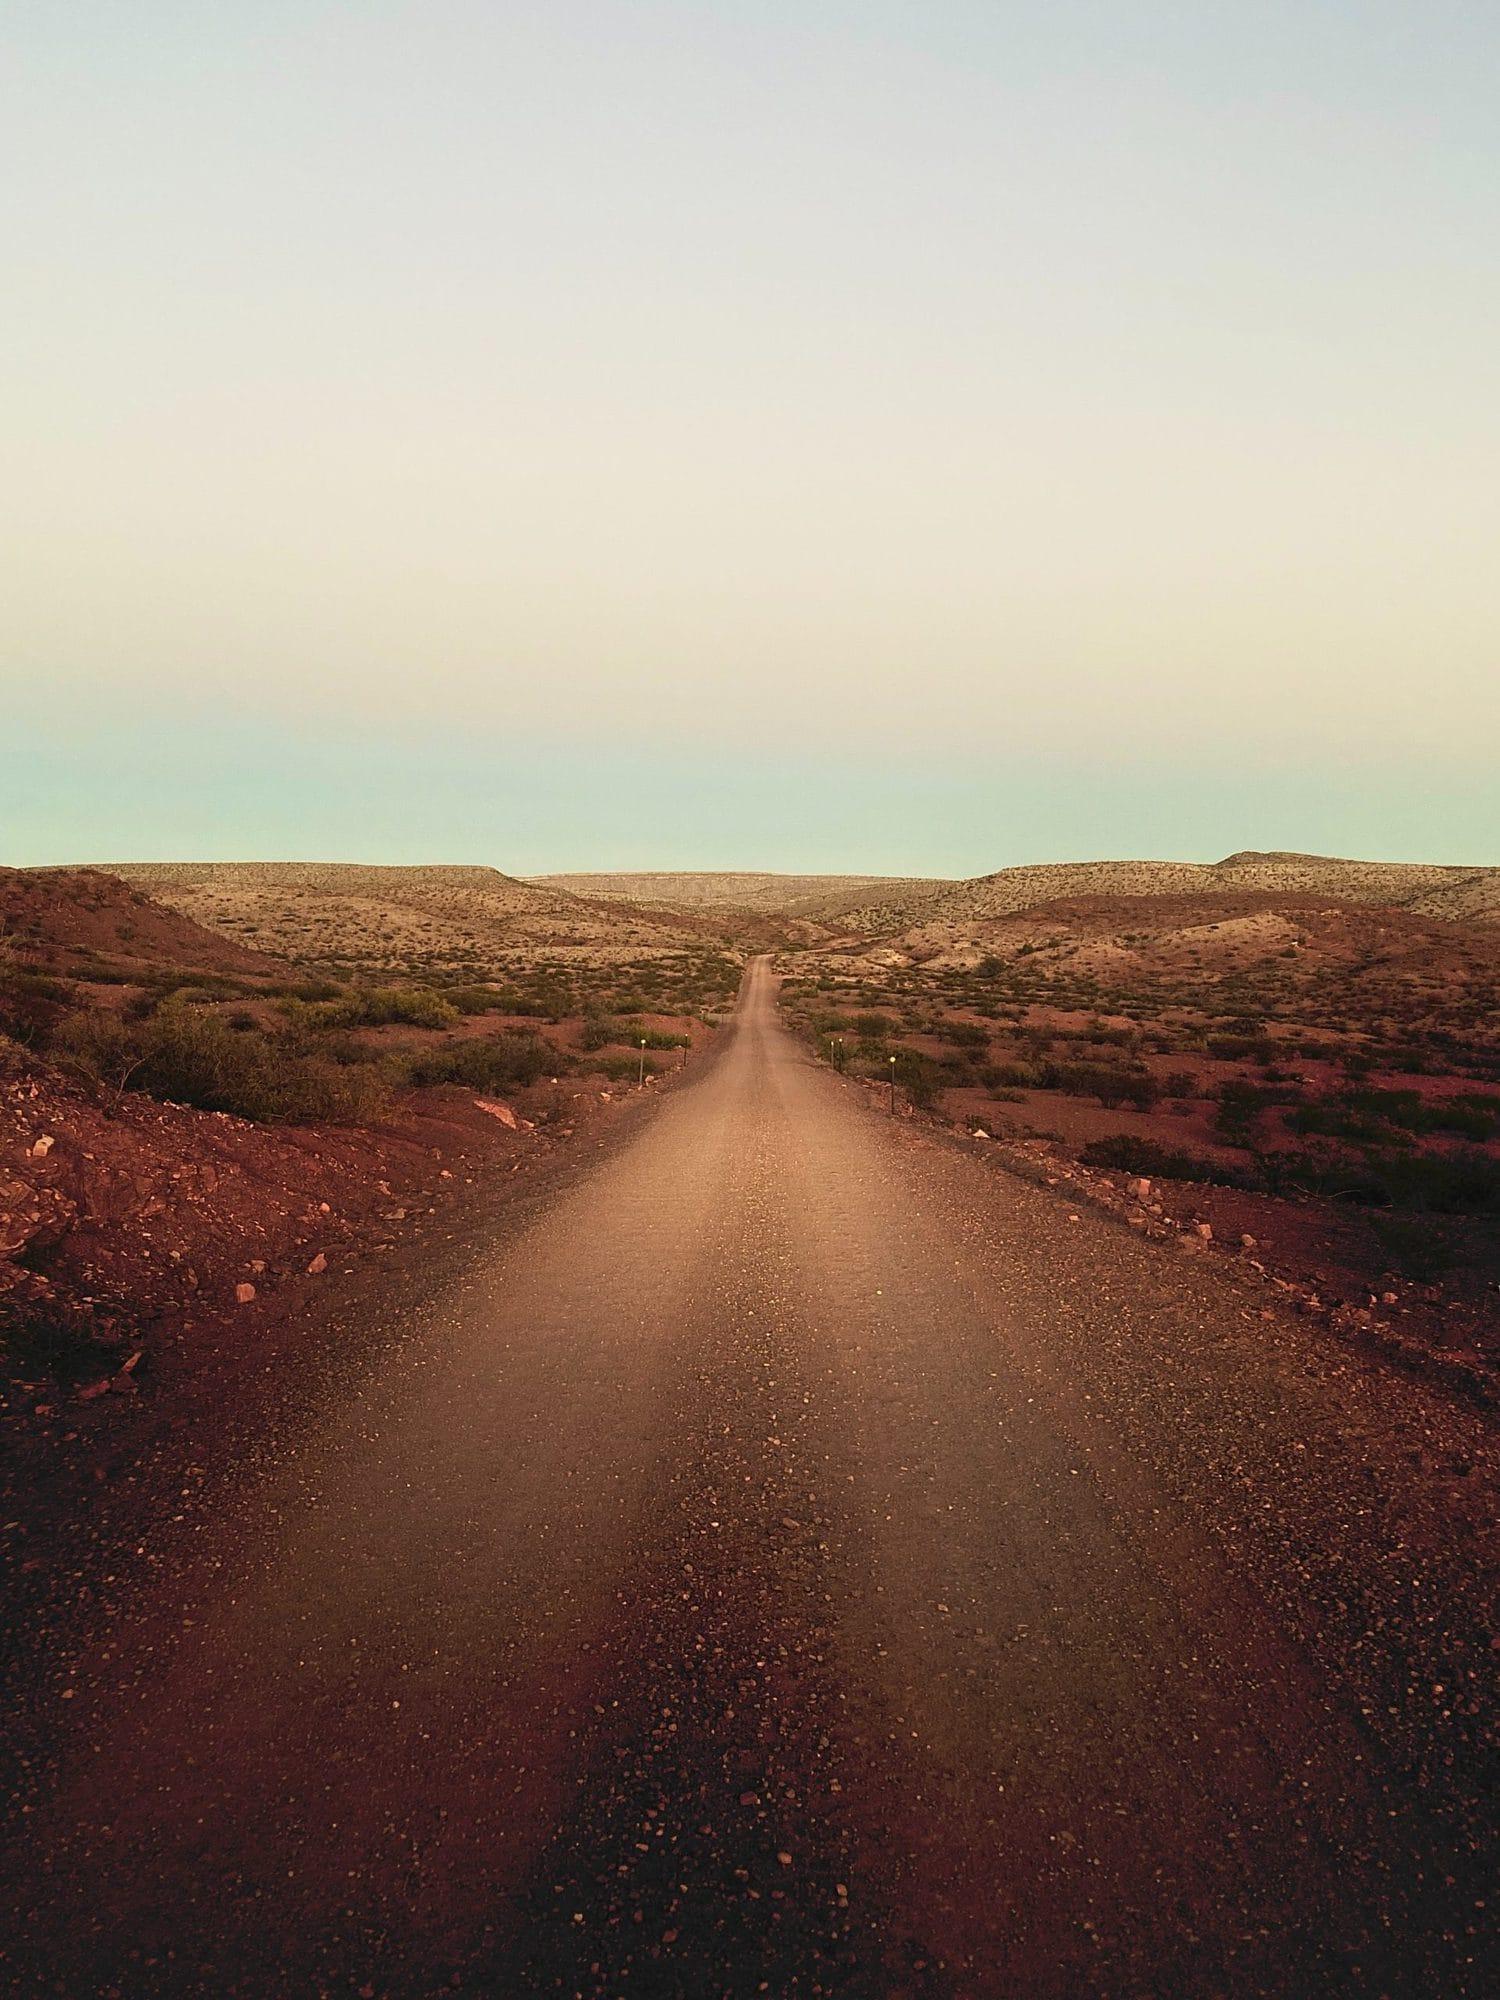 Carretera del desierto fotografiada con un iPhone 11 pro